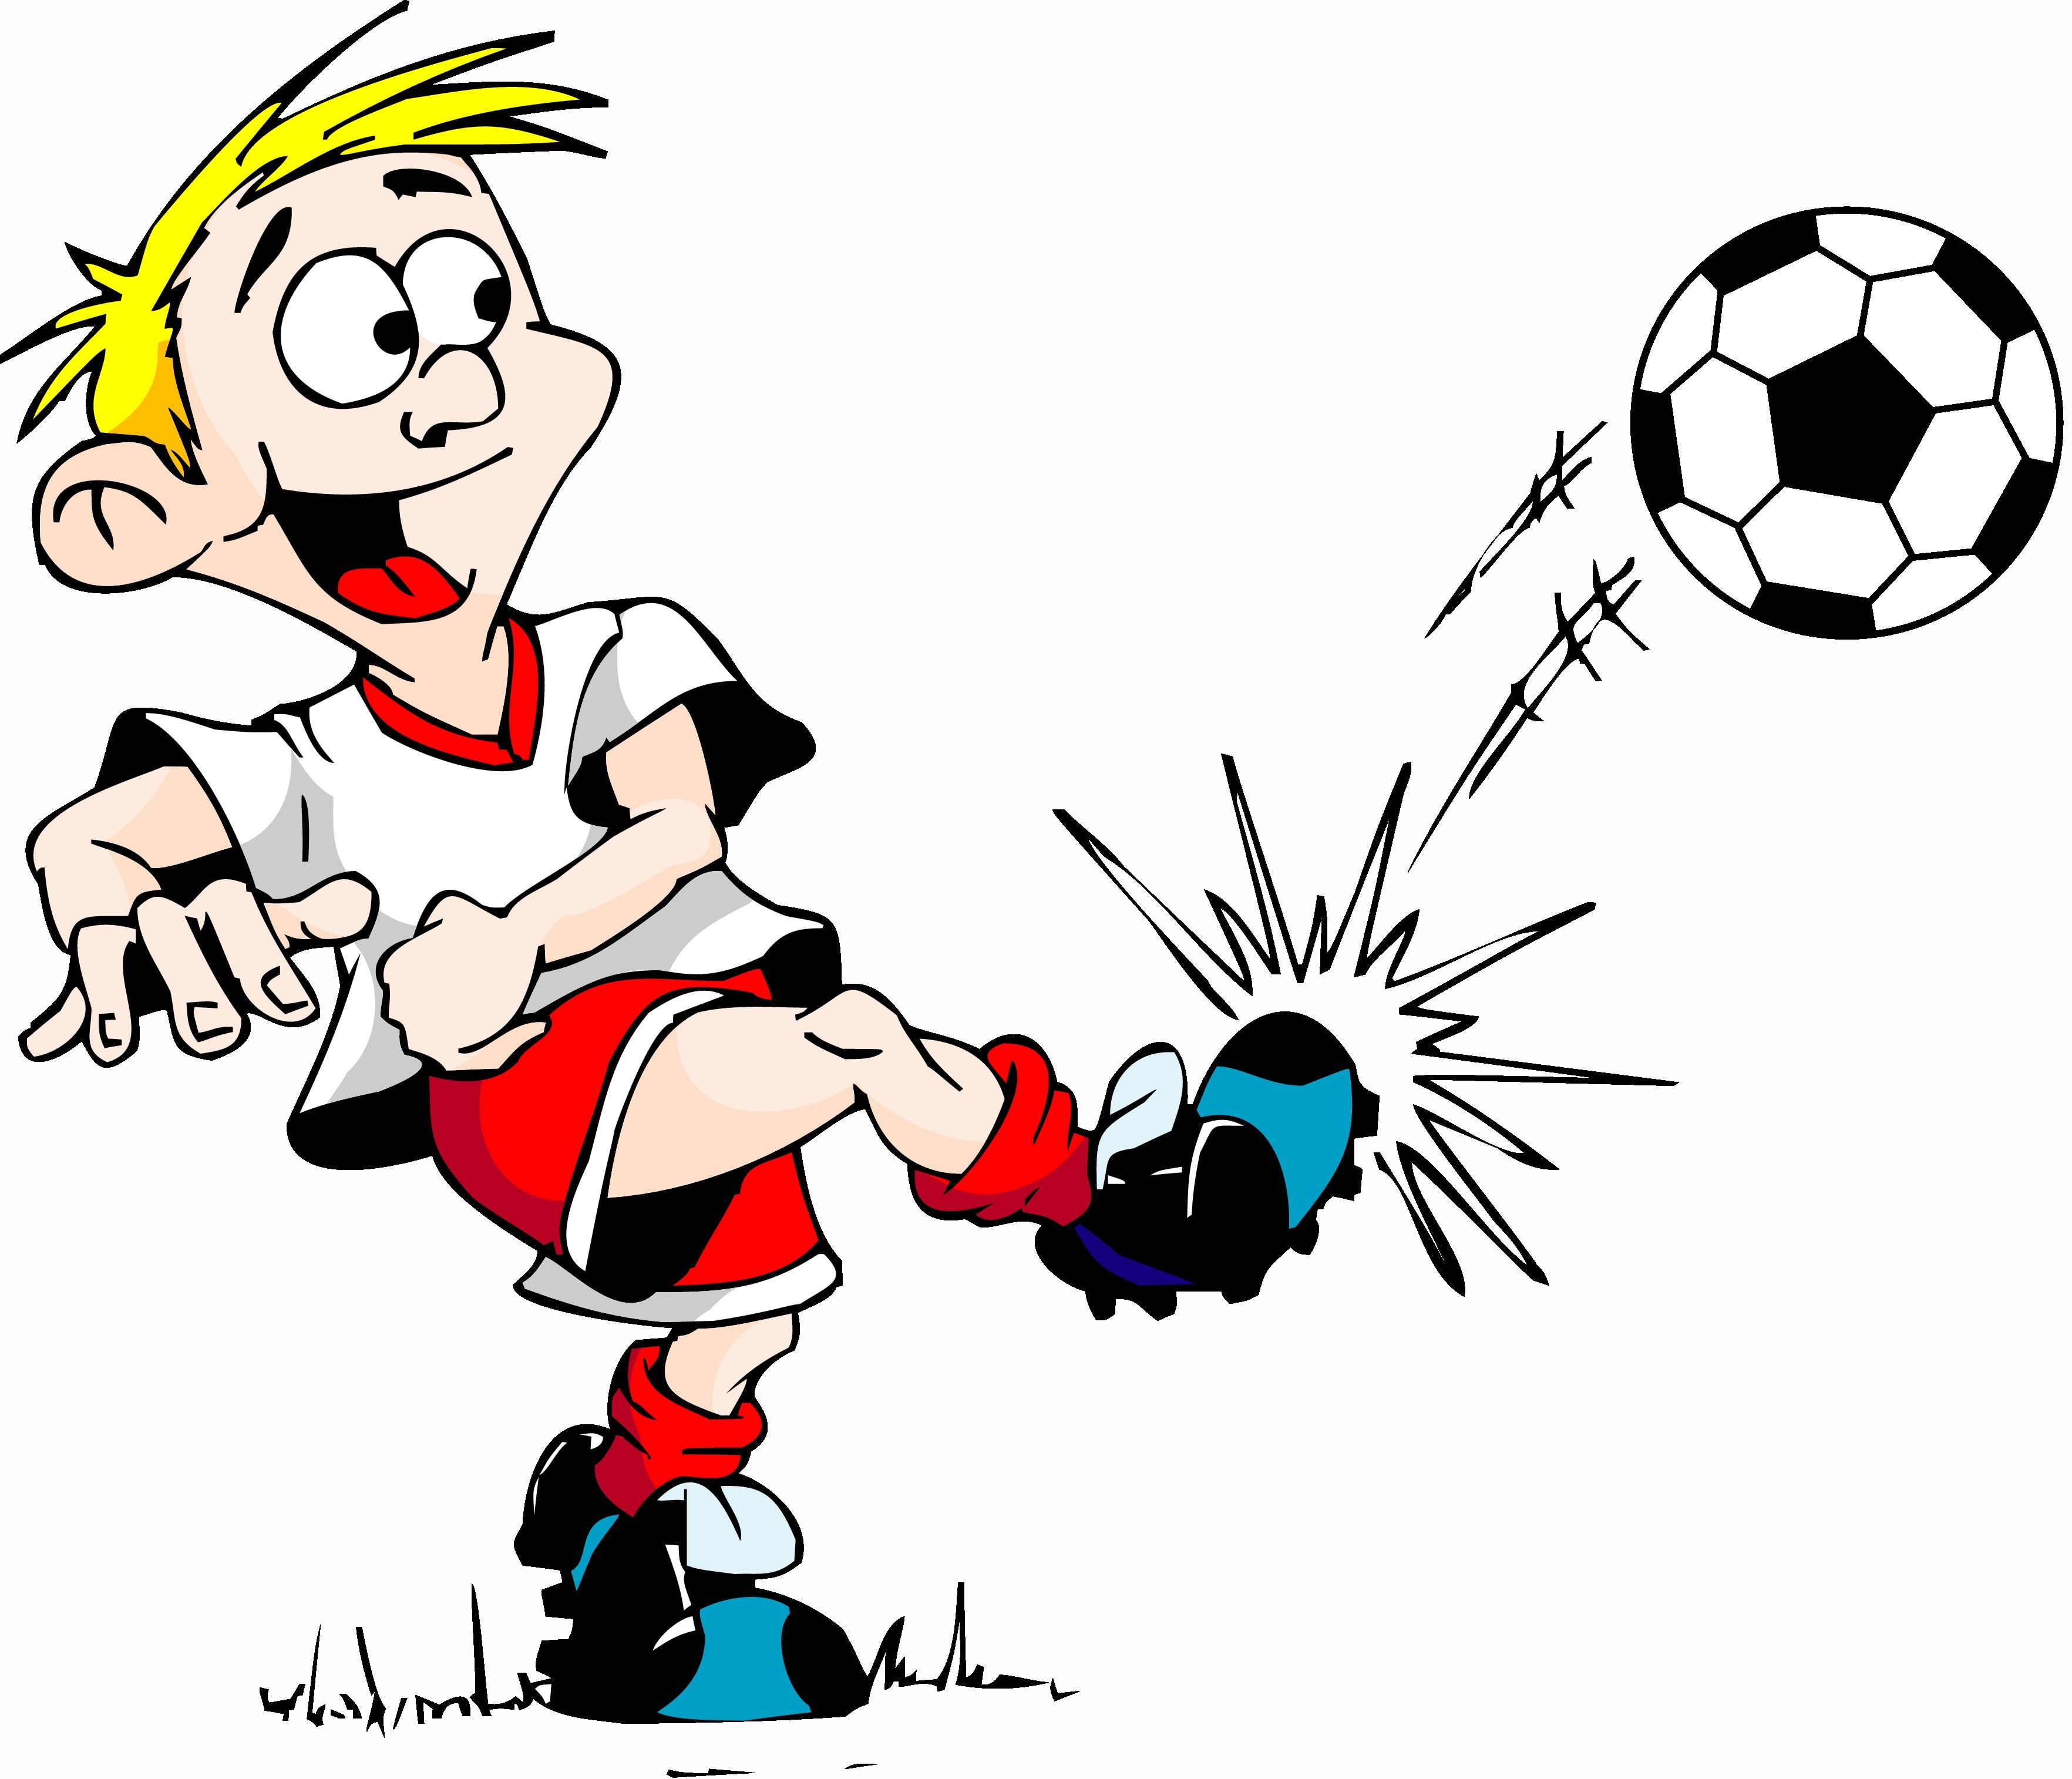 Girl Kicking Soccer Ball Clip Art Clipar-Girl Kicking Soccer Ball Clip Art Clipart Panda Free Clipart-3